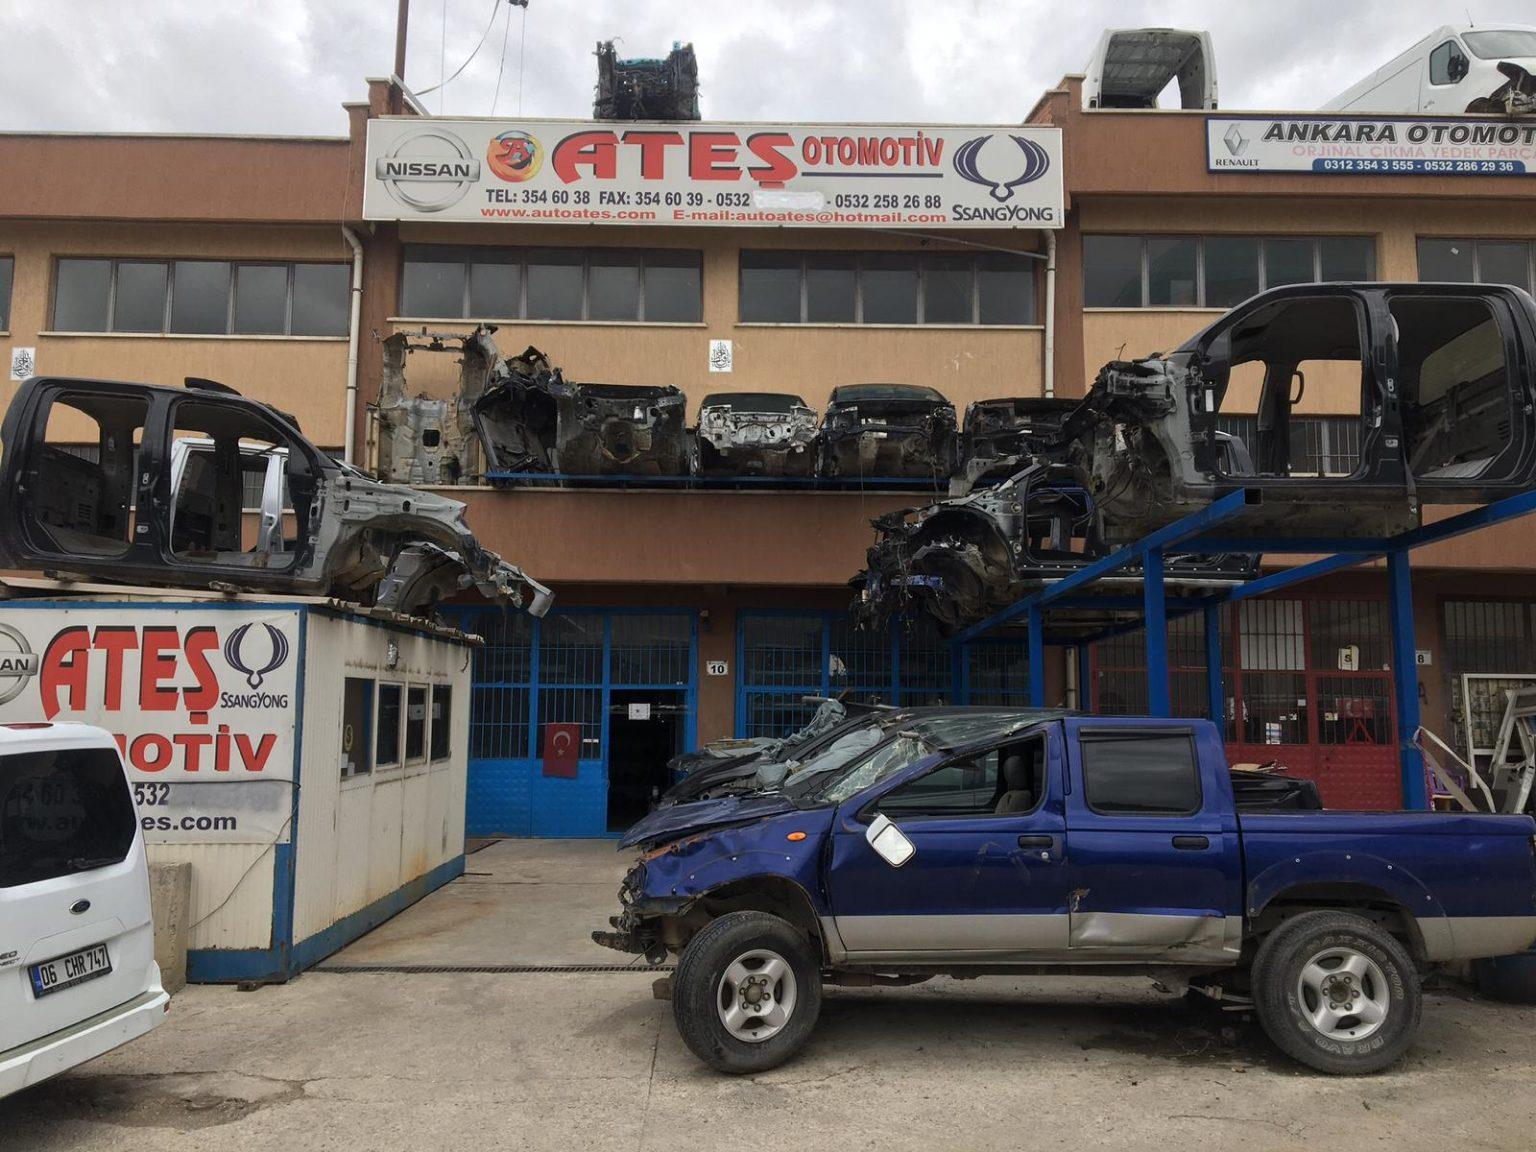 SsangYong Çıkma Parça, Ford Çıkma Parça, Nissan Pikap Çıkma Parça - Ateş Otomotiv